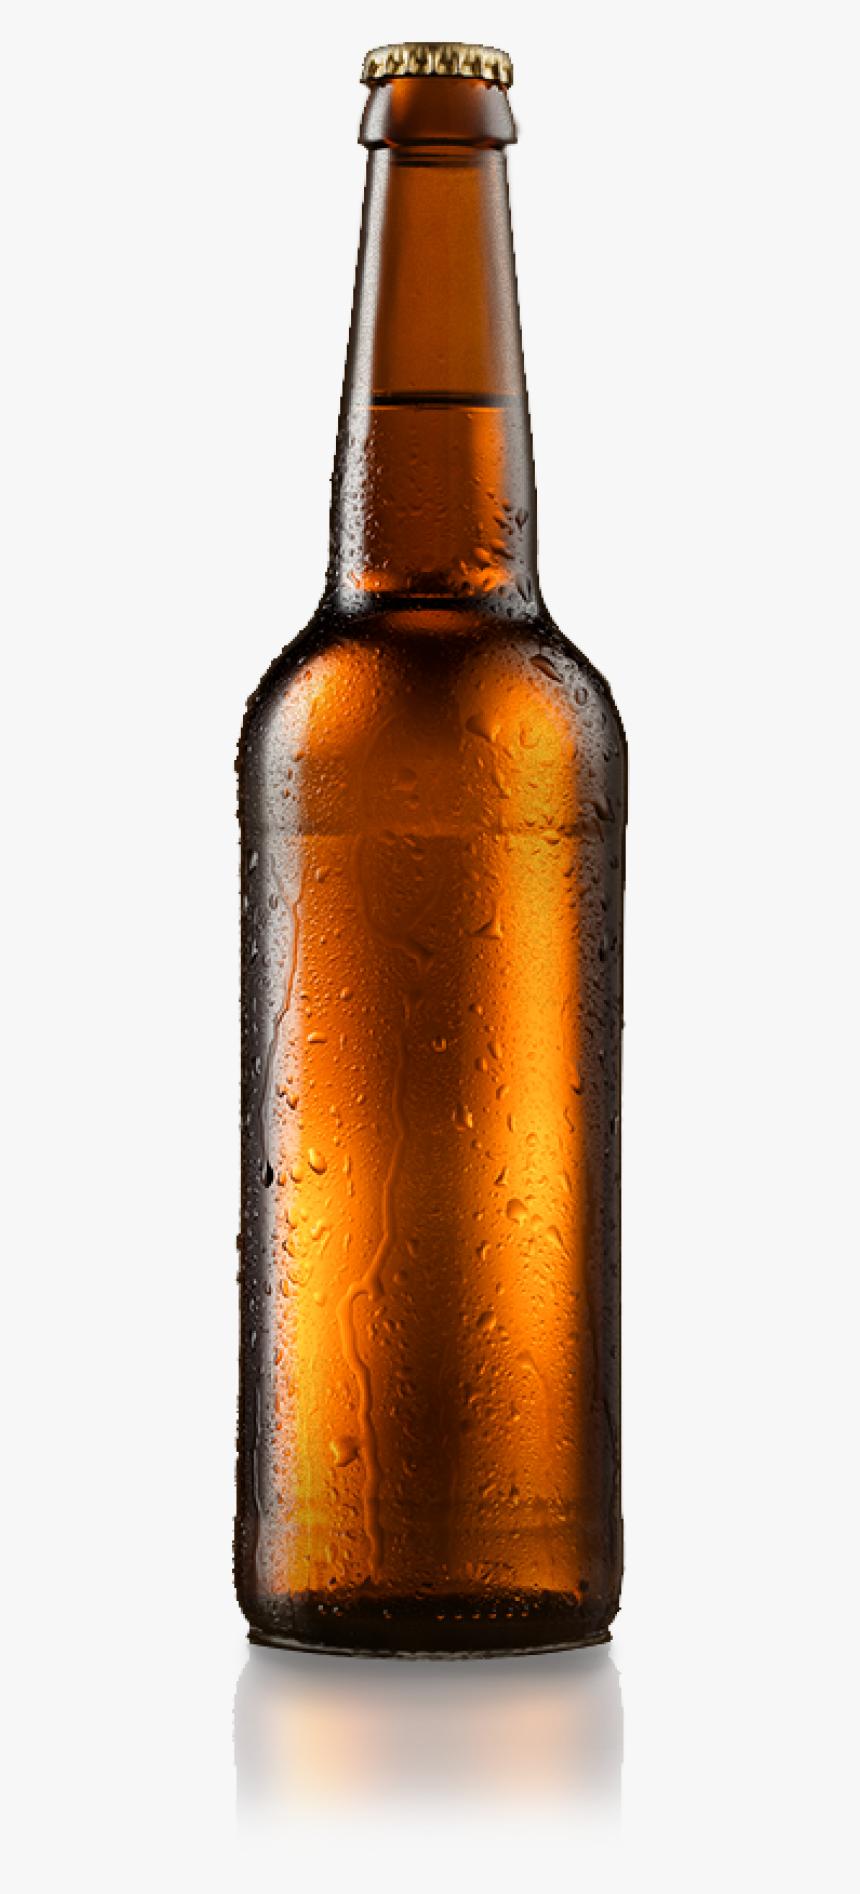 Cold Beer Bottle Png, Transparent Png, Free Download